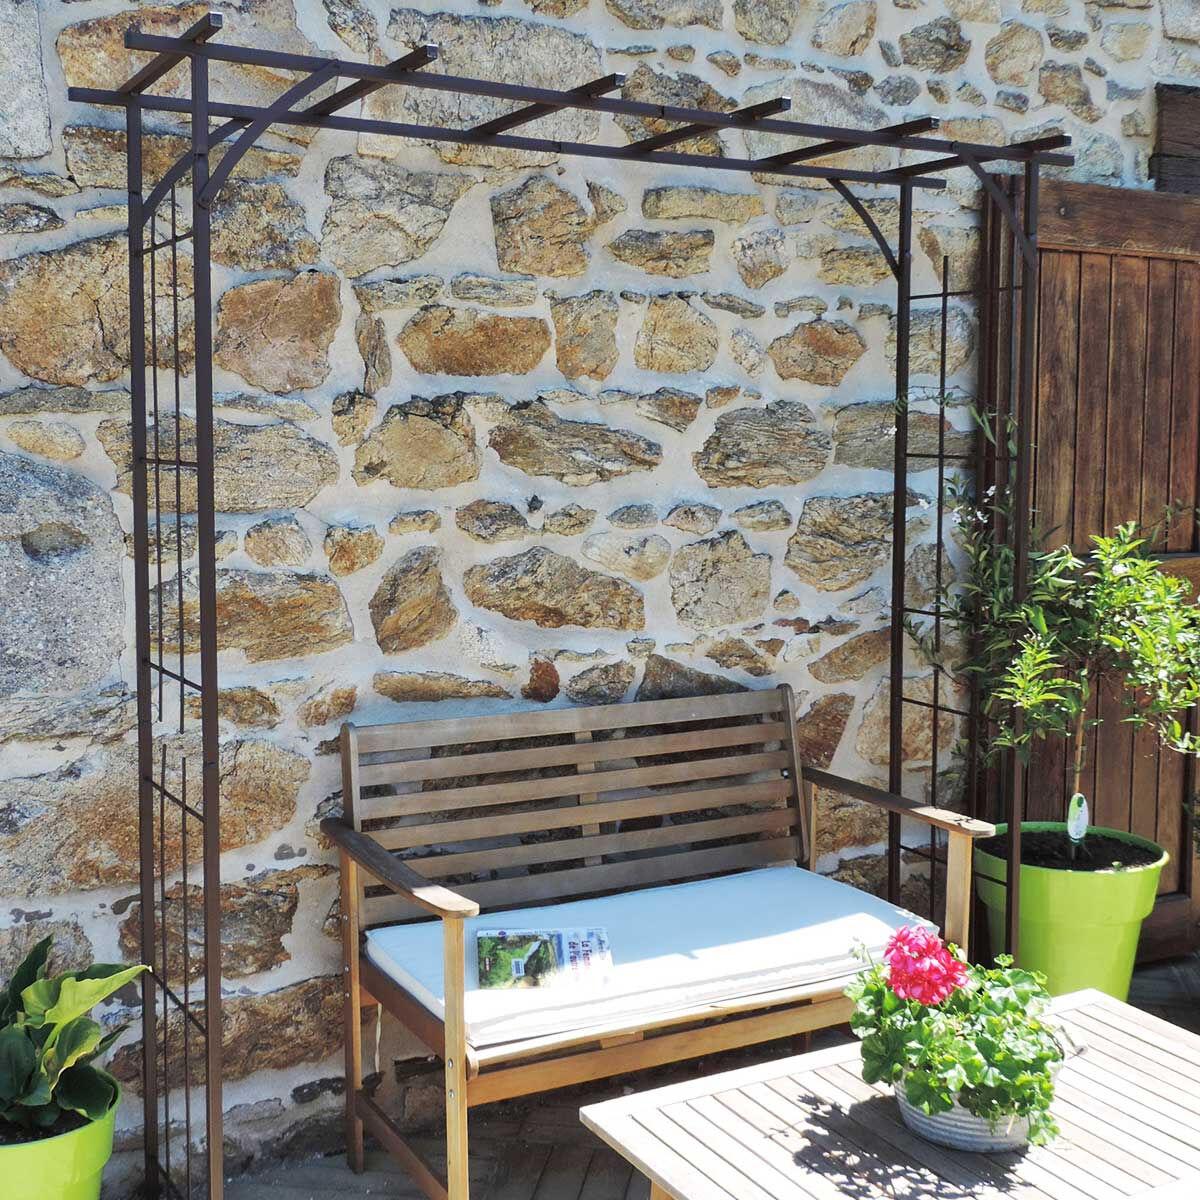 LMOULIN Arche de jardin en fer grand modèle + 4 supports à enfoncer - Louis Moulin